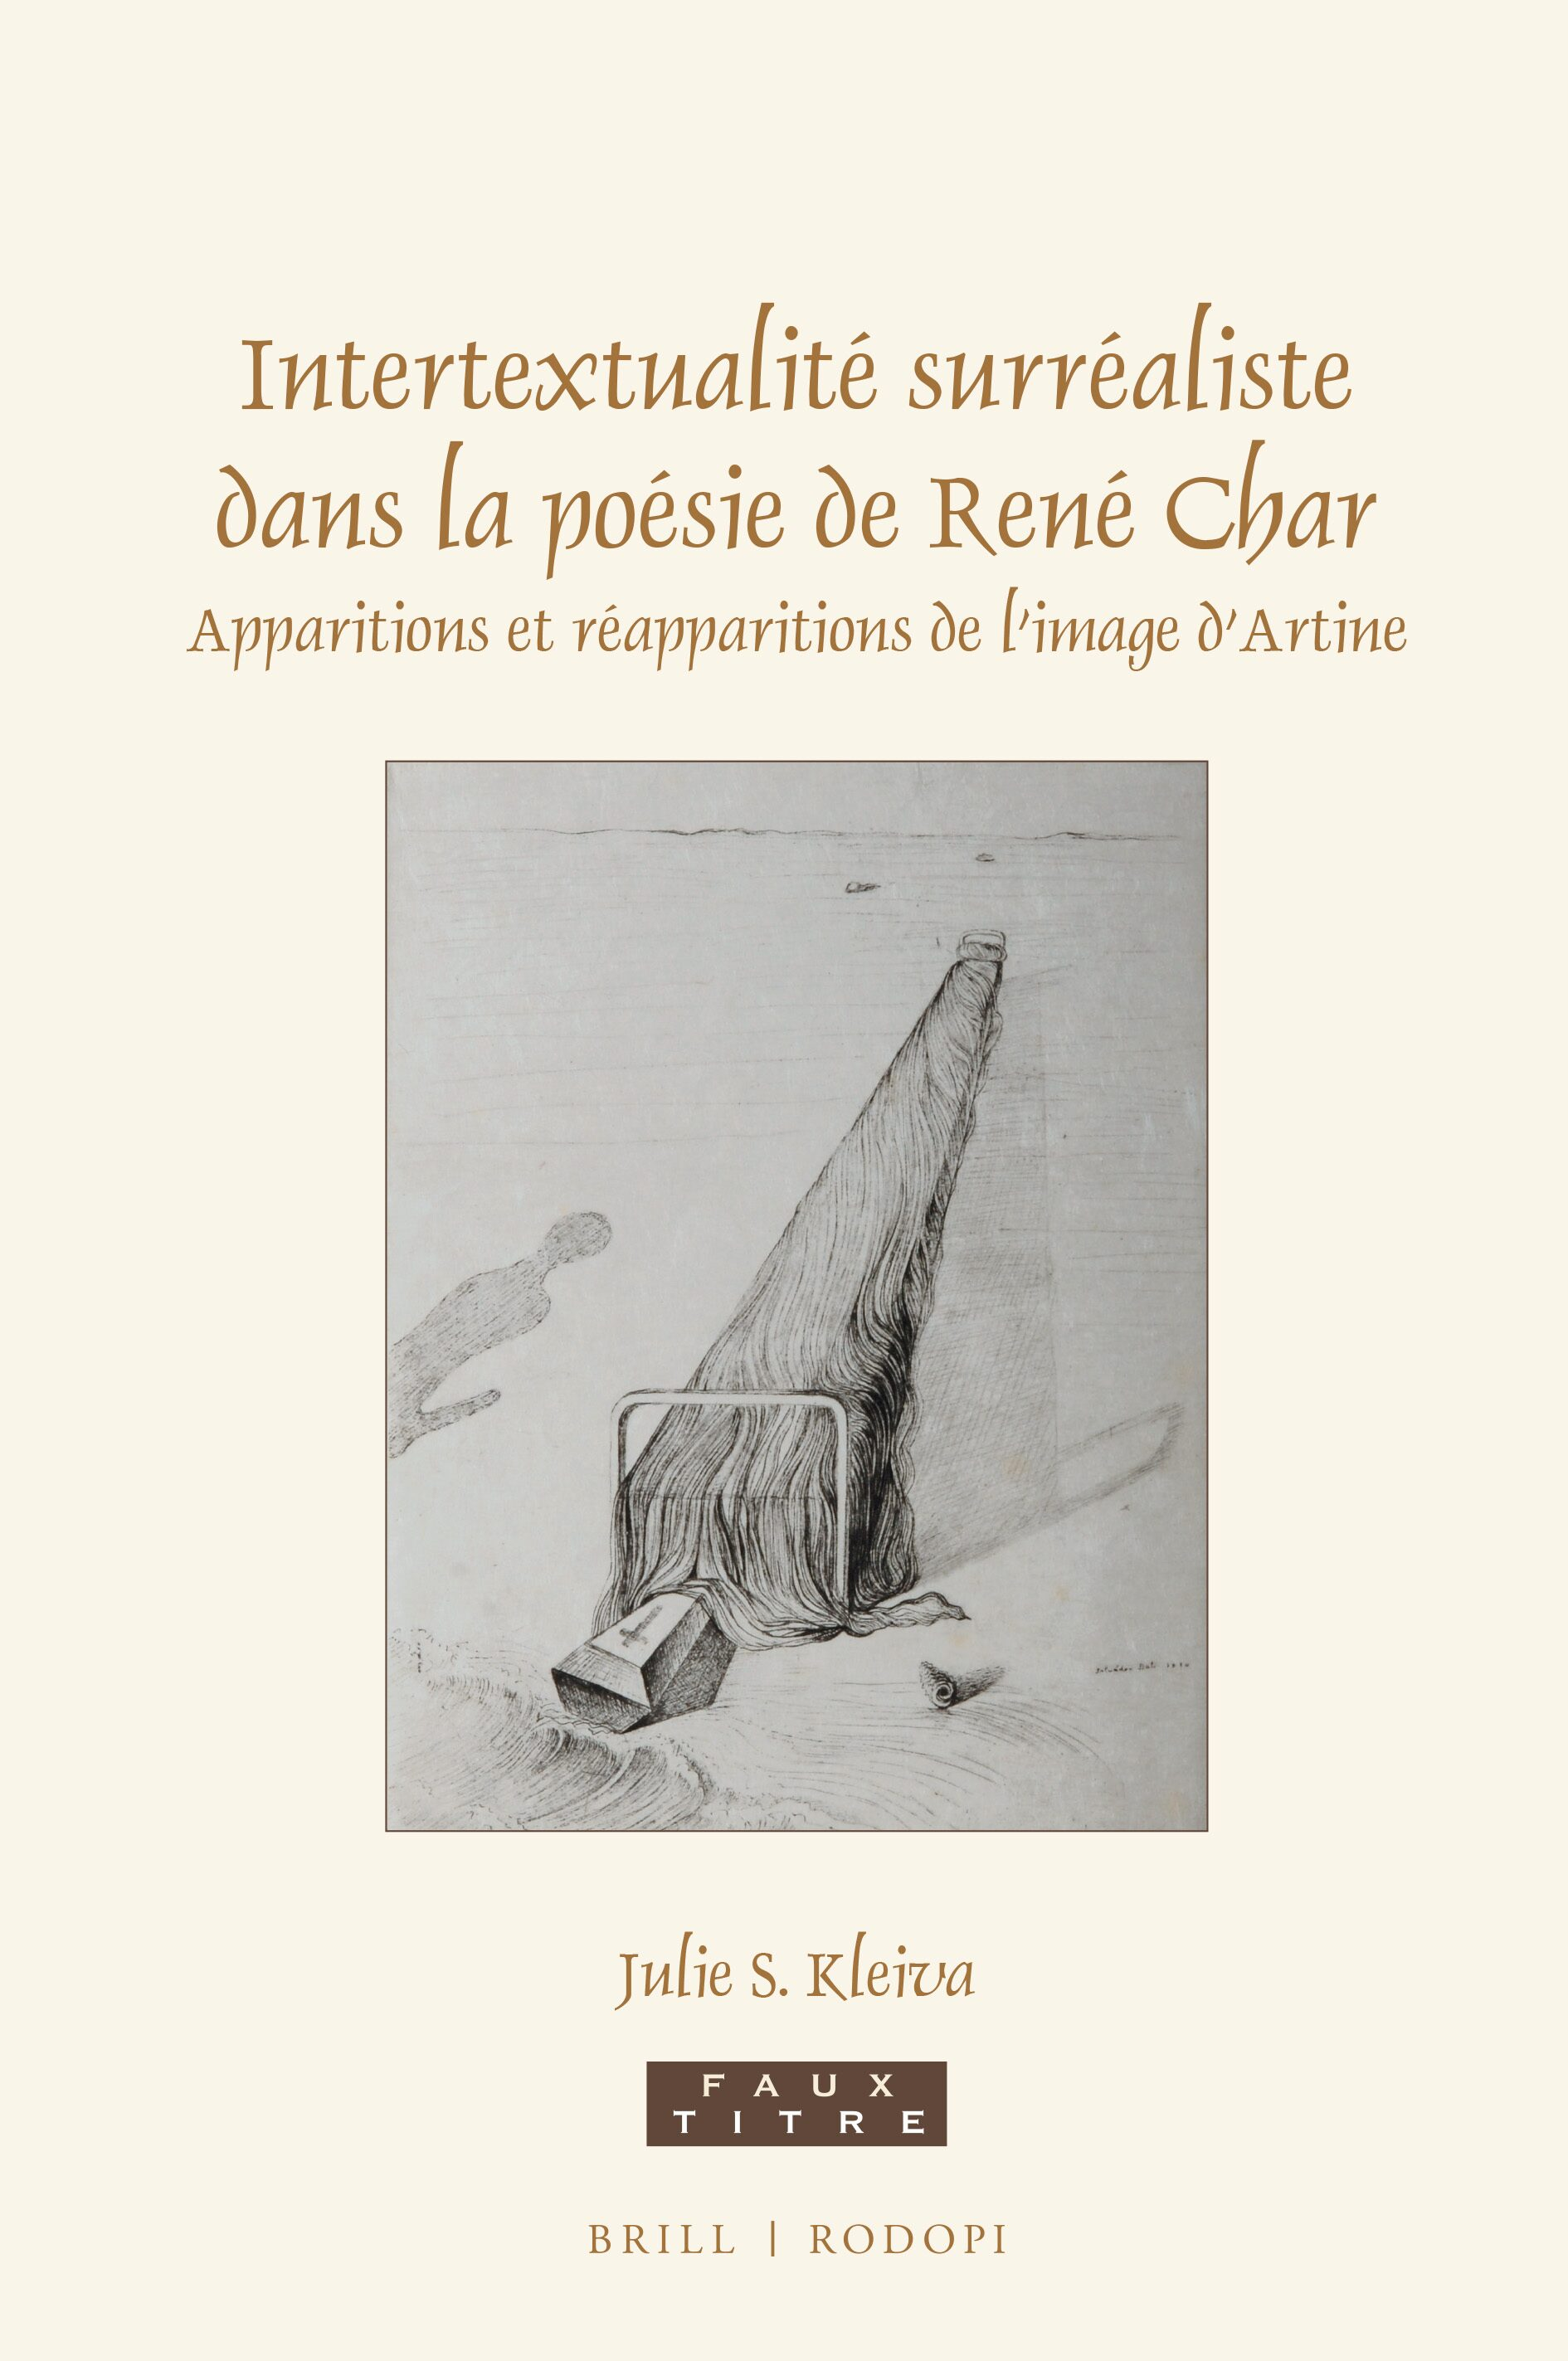 Occultisme Et Alchimie In Intertextualité Surréaliste Dans